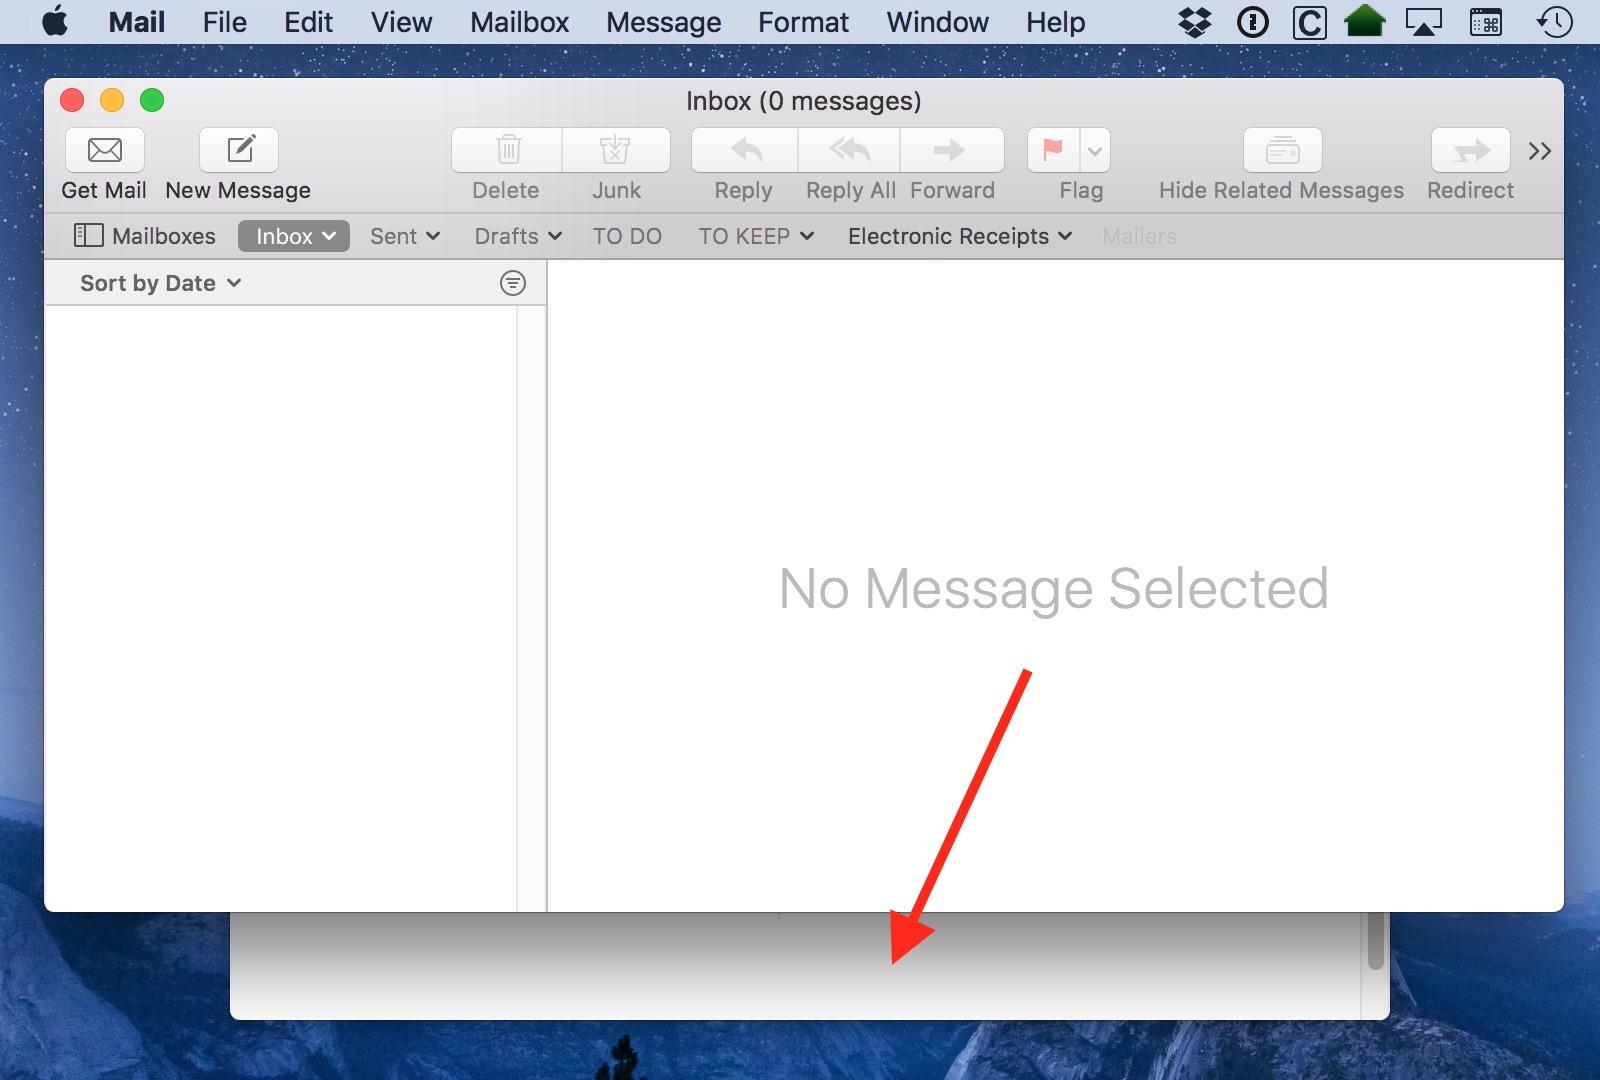 Mac Help Viewer Window Behind other apps